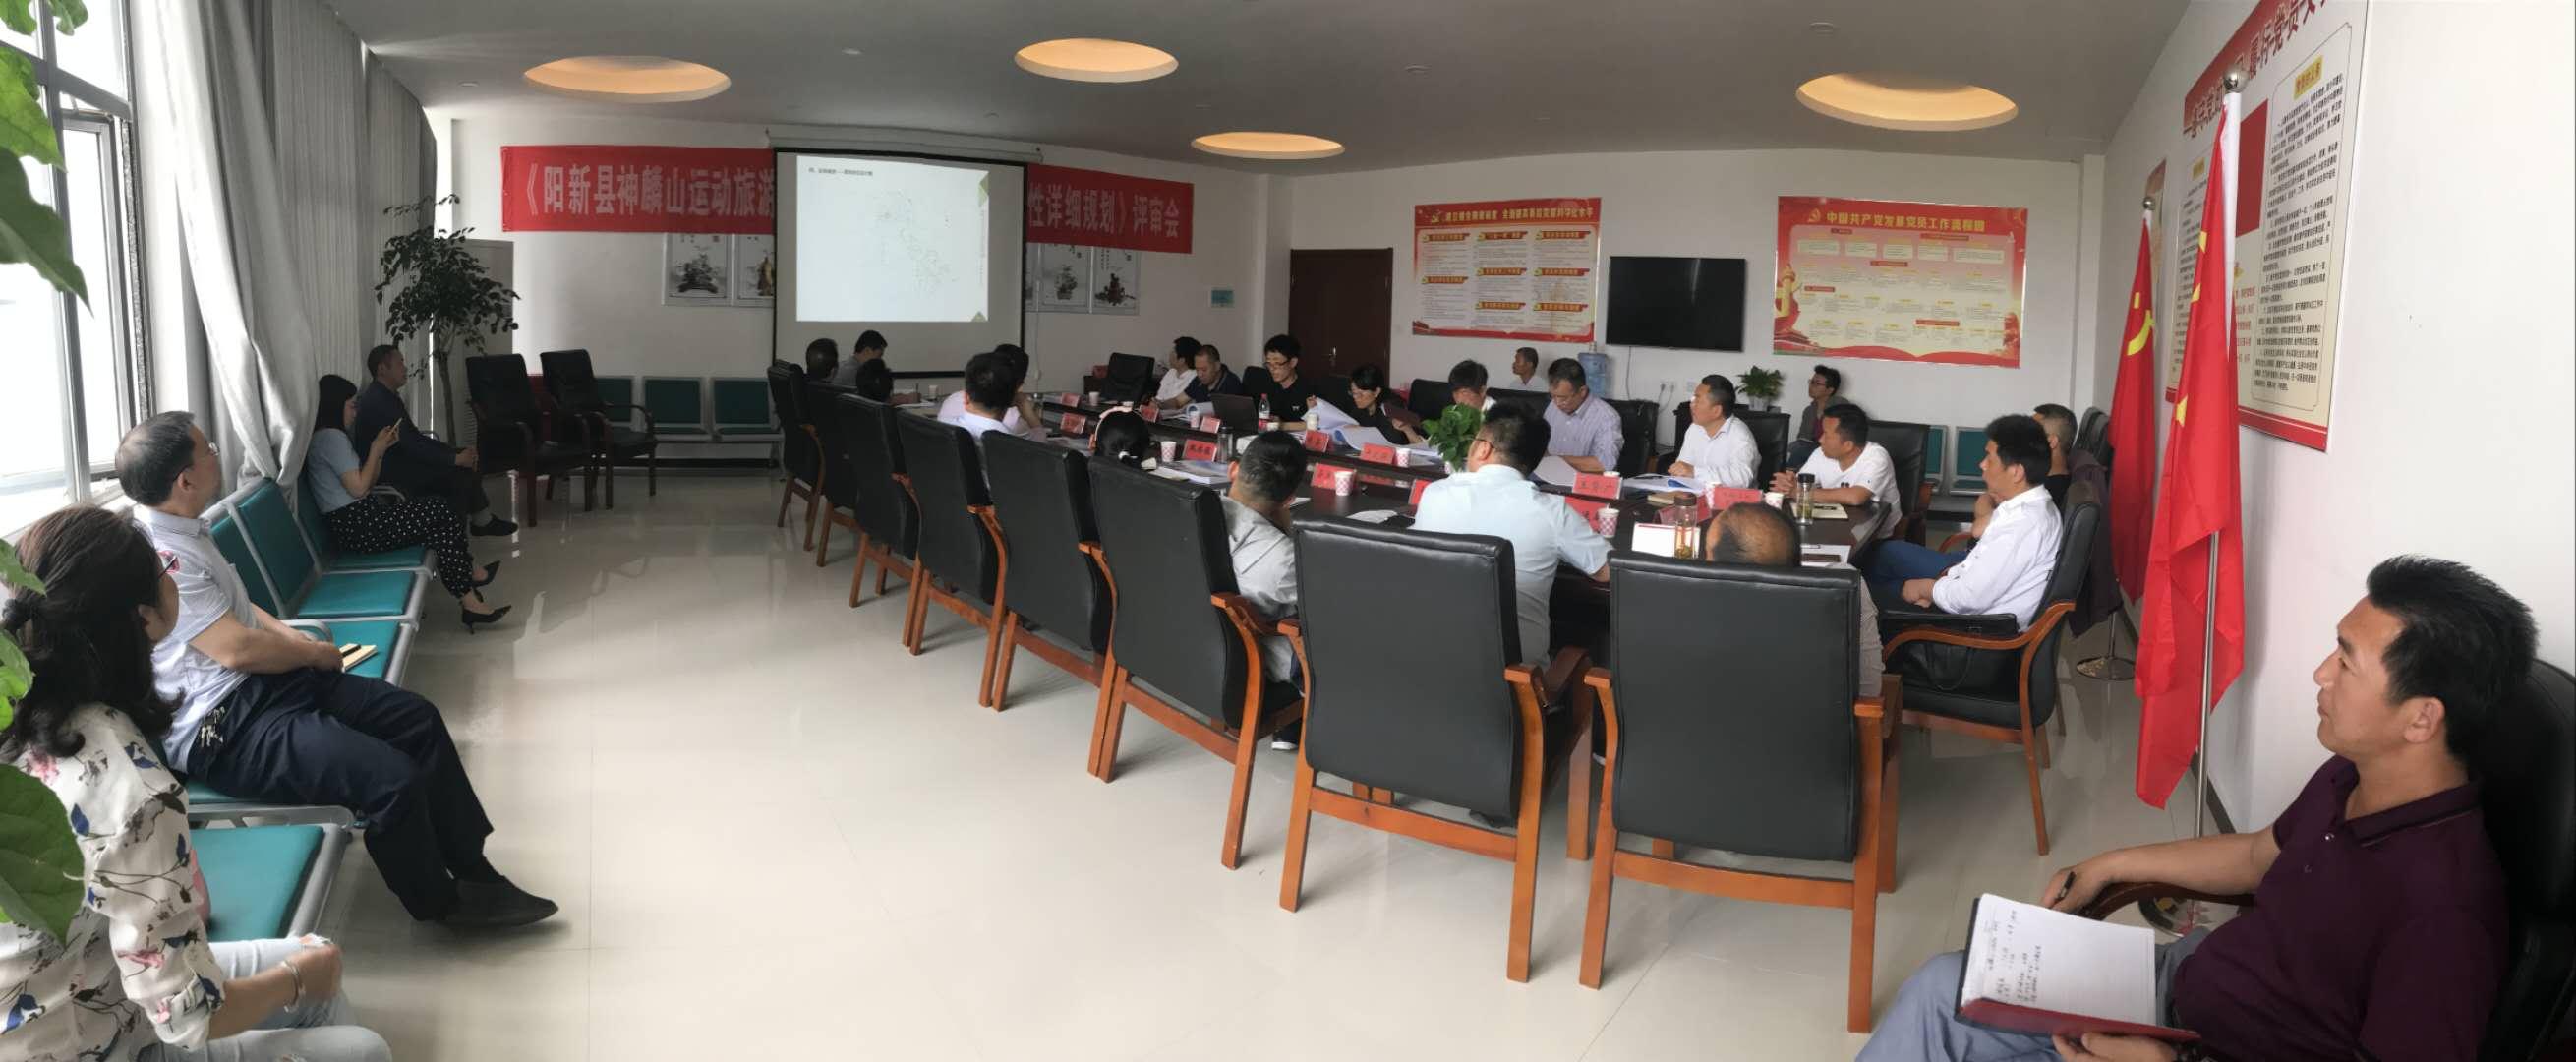 《阳新县神麟山运动旅游区总体规划暨重要节点修建性详细规划》通过专家评审